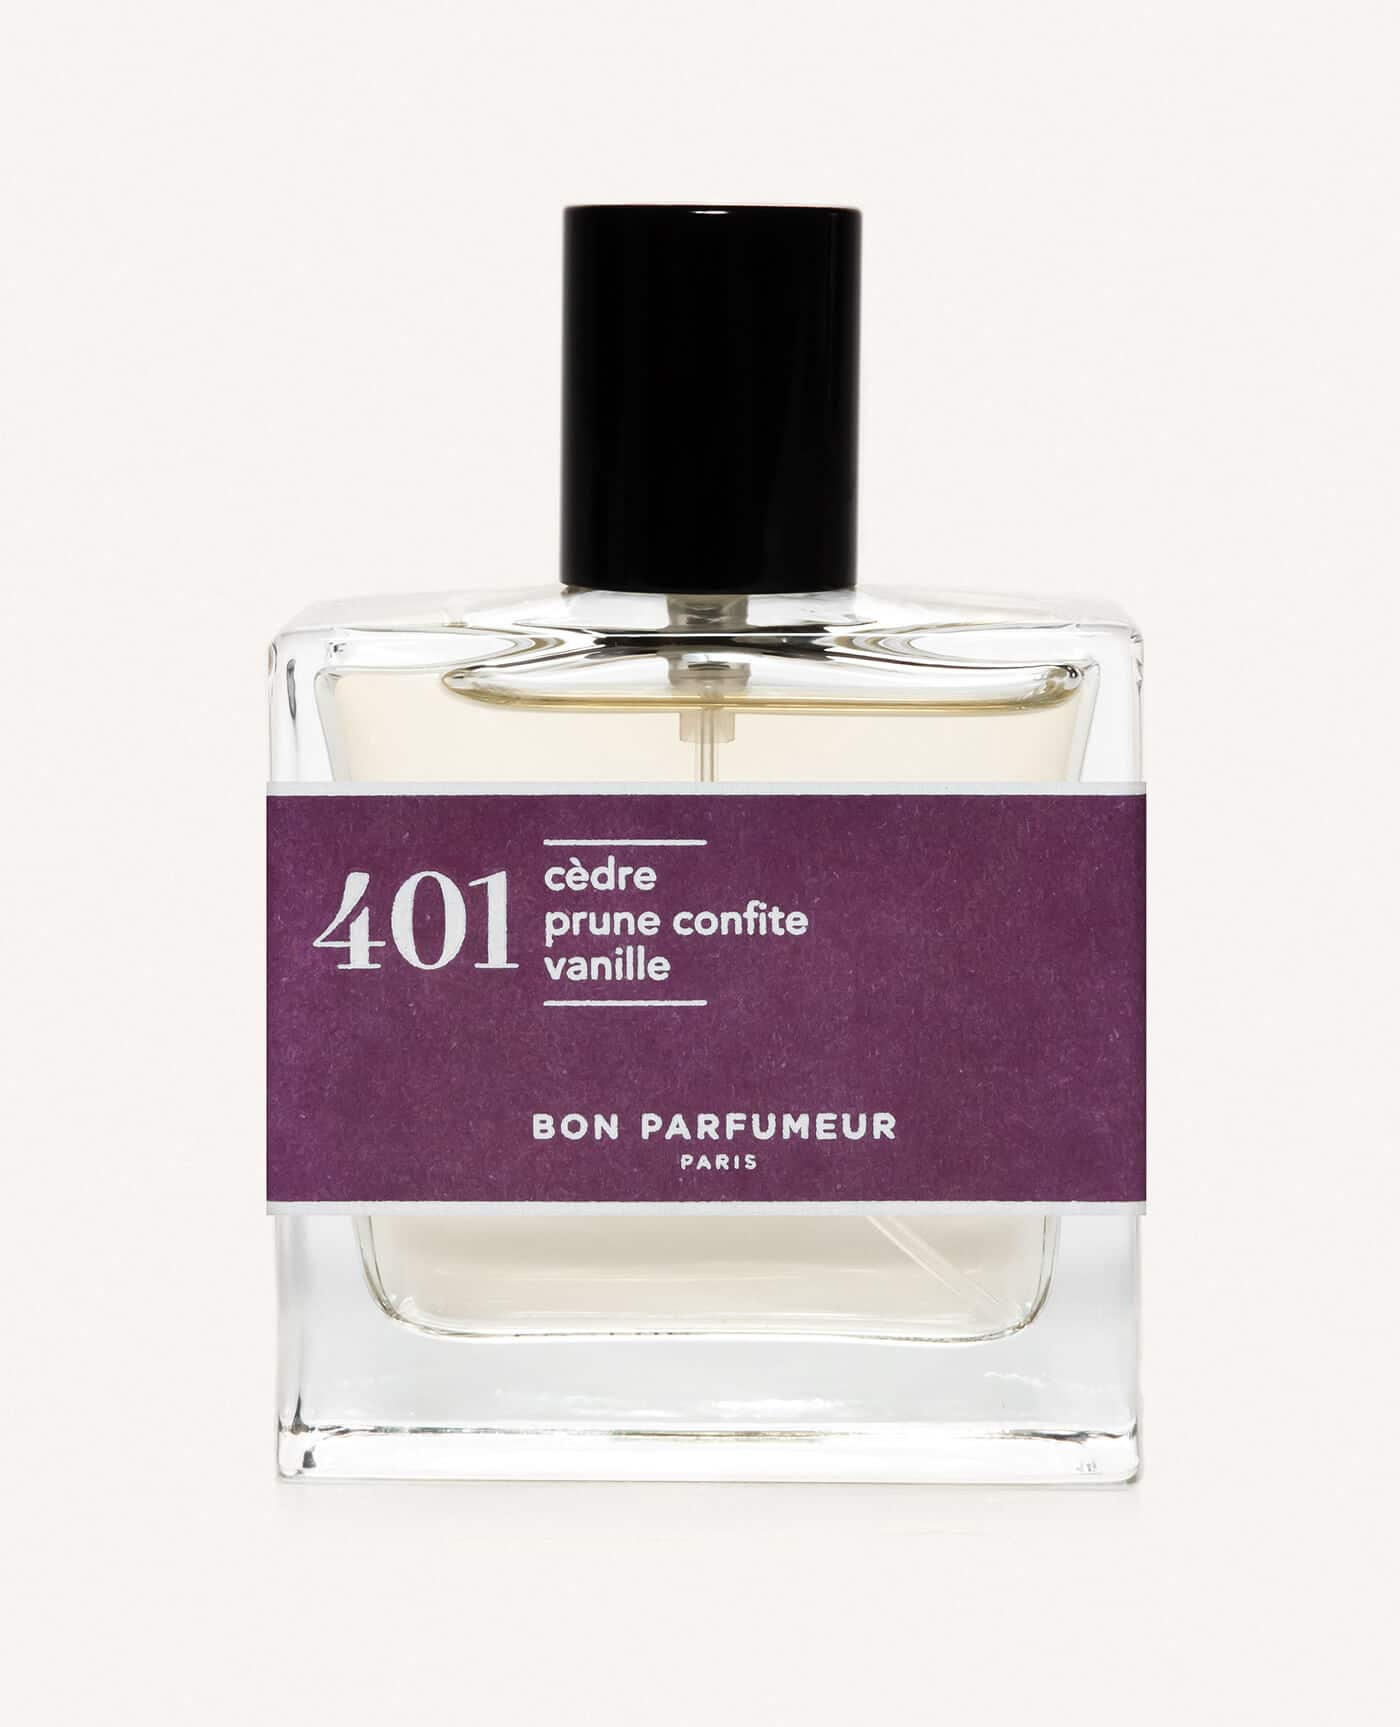 Eau de parfum made in france naturelle de la marque Bon Parfumeur 401 Cèdre, prune confite et vanille